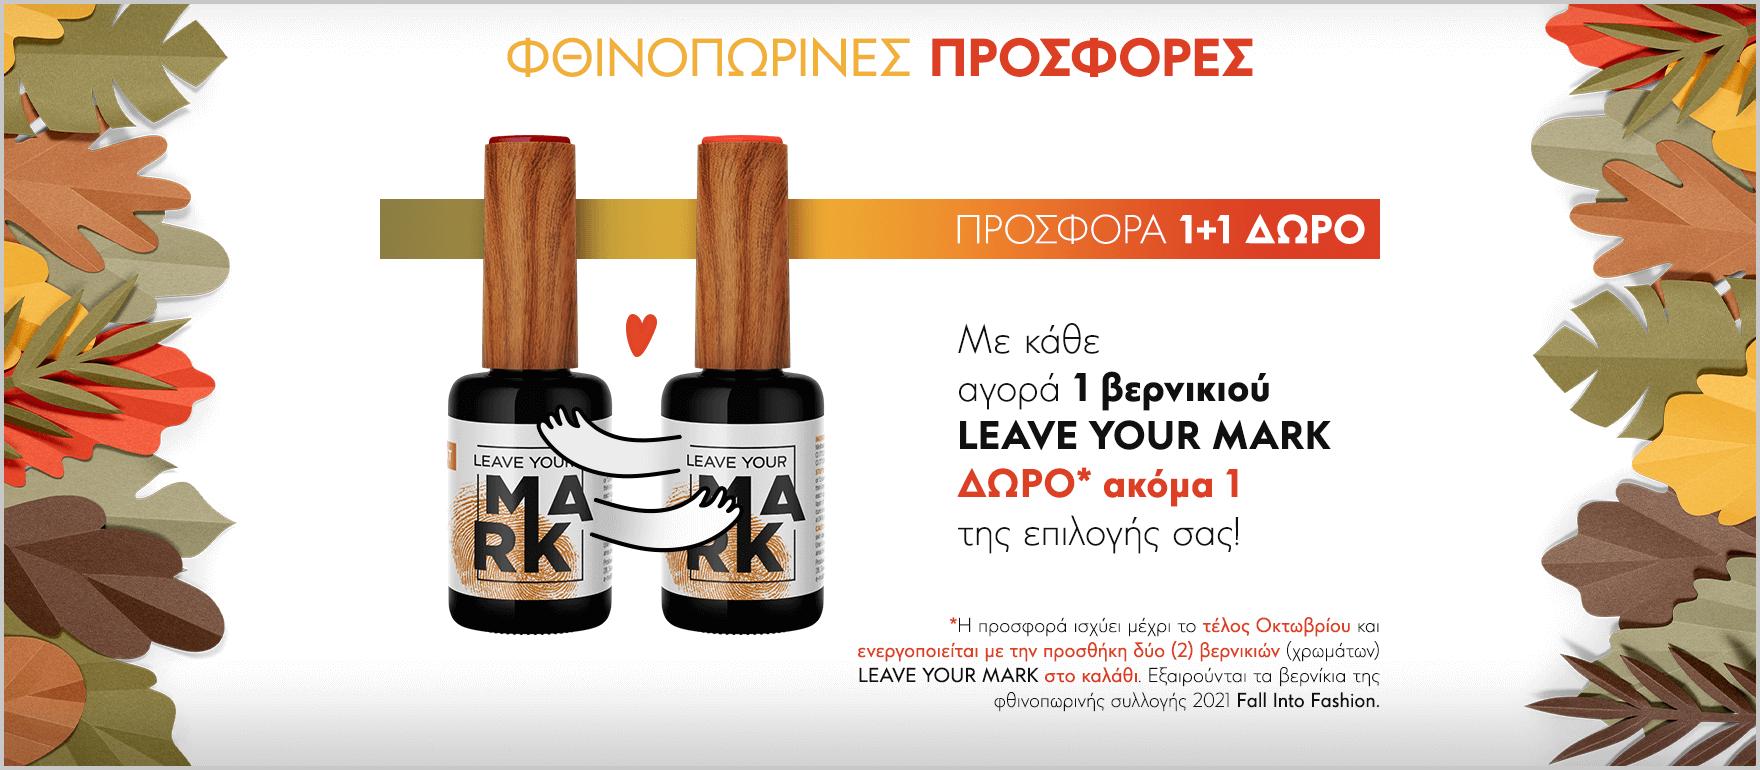 Προσφορά! LYM Βερνίκια 1+1 ΔΩΡΟ